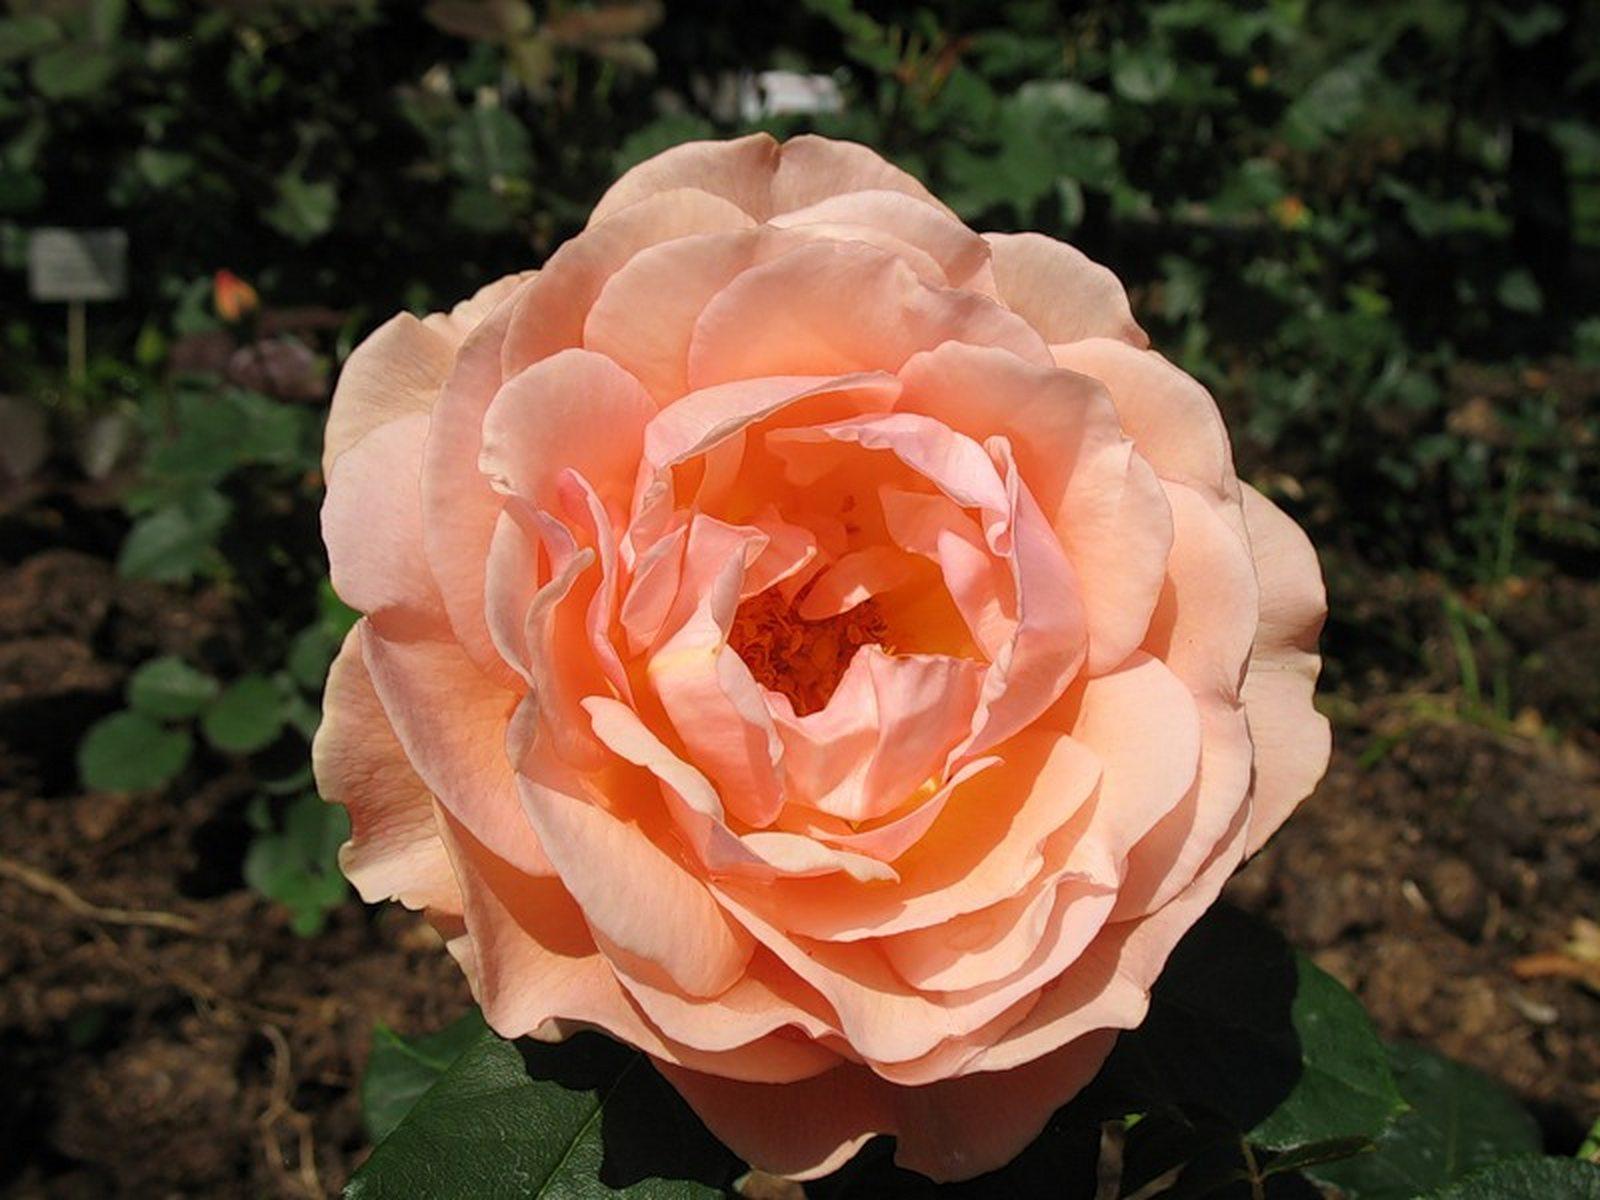 сравнение цен роза николь фото и описание посетителей может ними